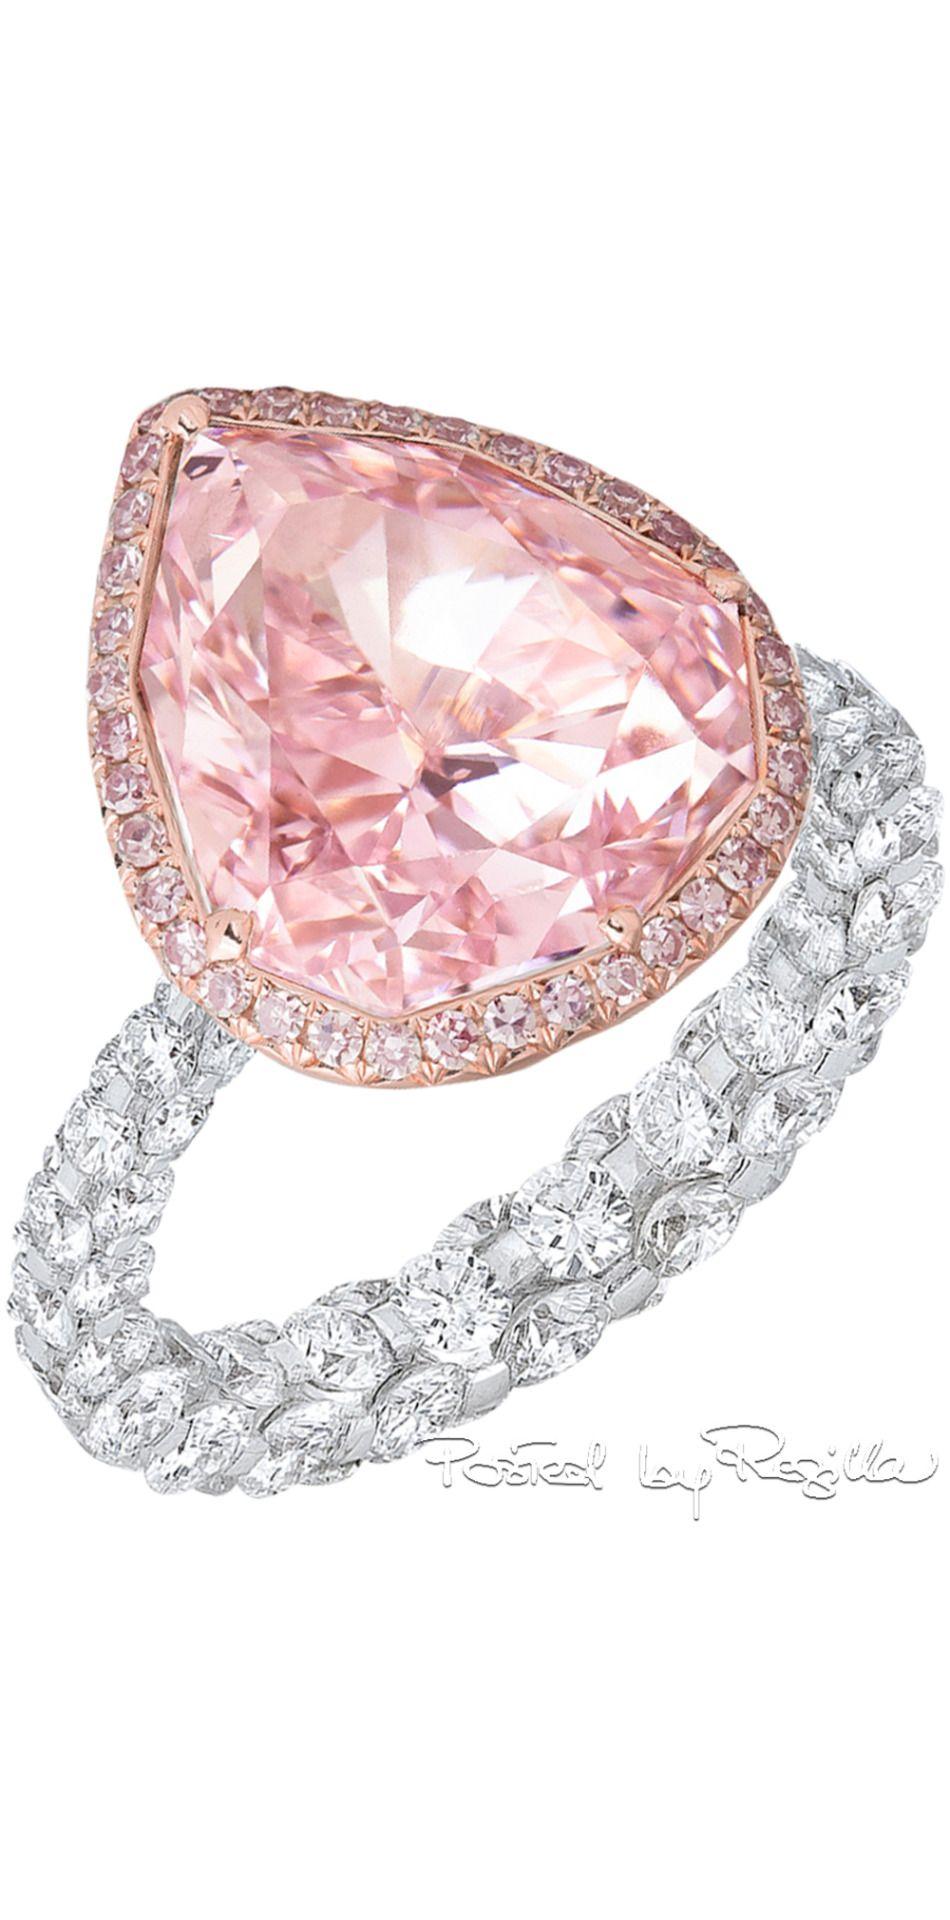 Regilla ⚜ Jewelry House Boghossian | Classy Pink | Pinterest ...